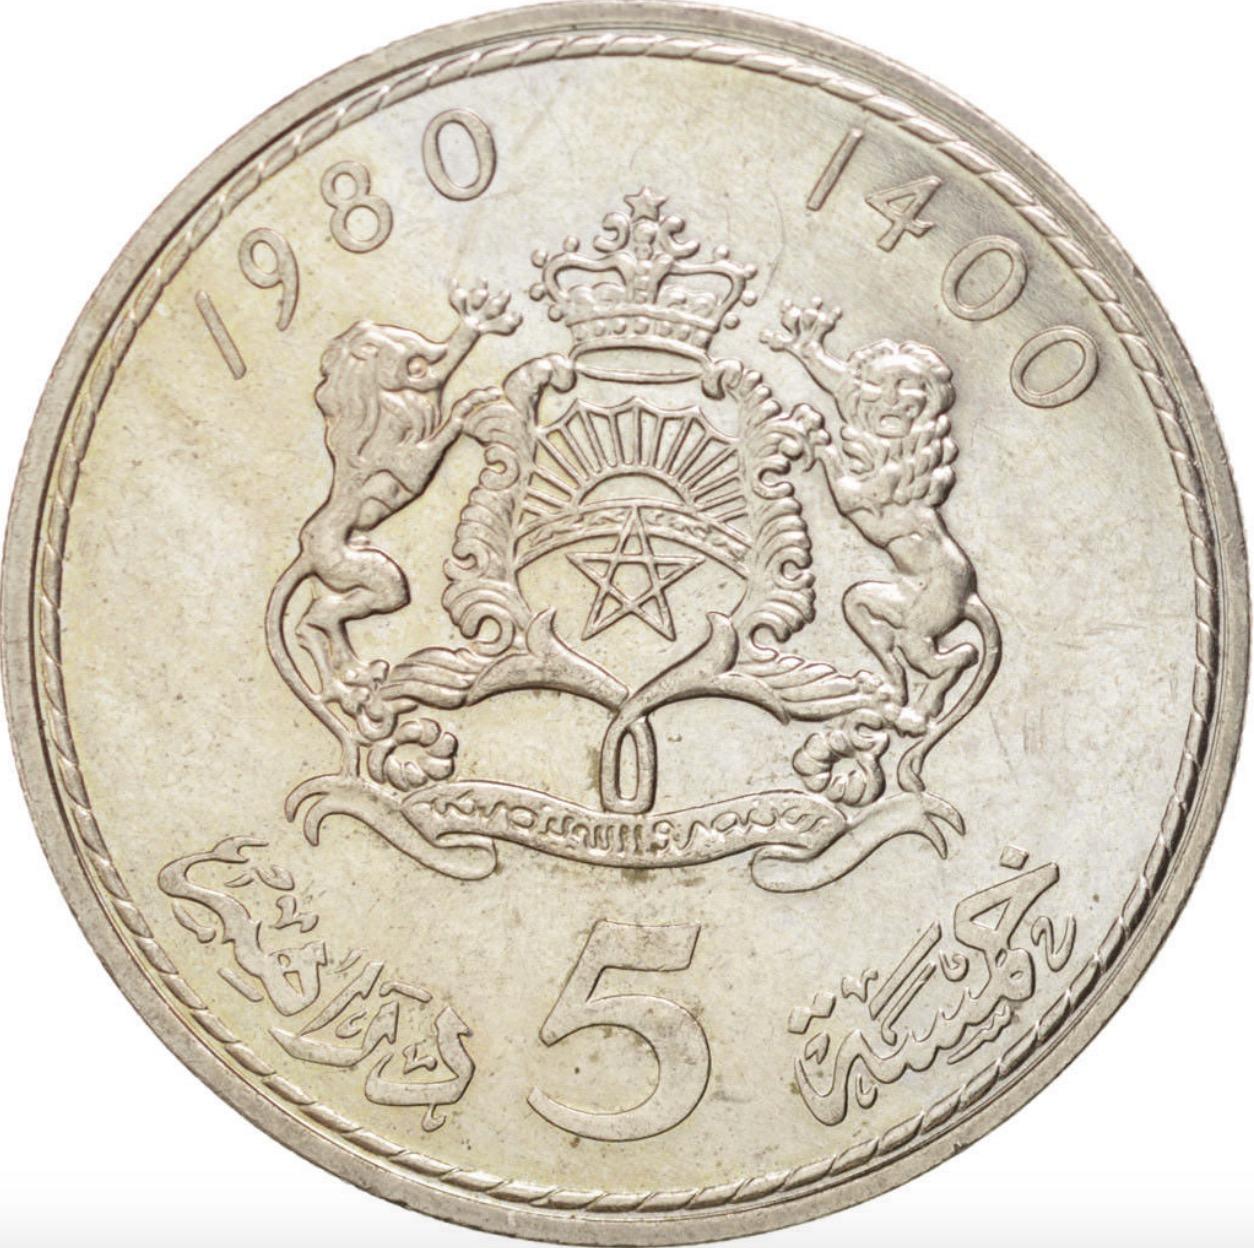 5 Dirhams coin morocco 1980